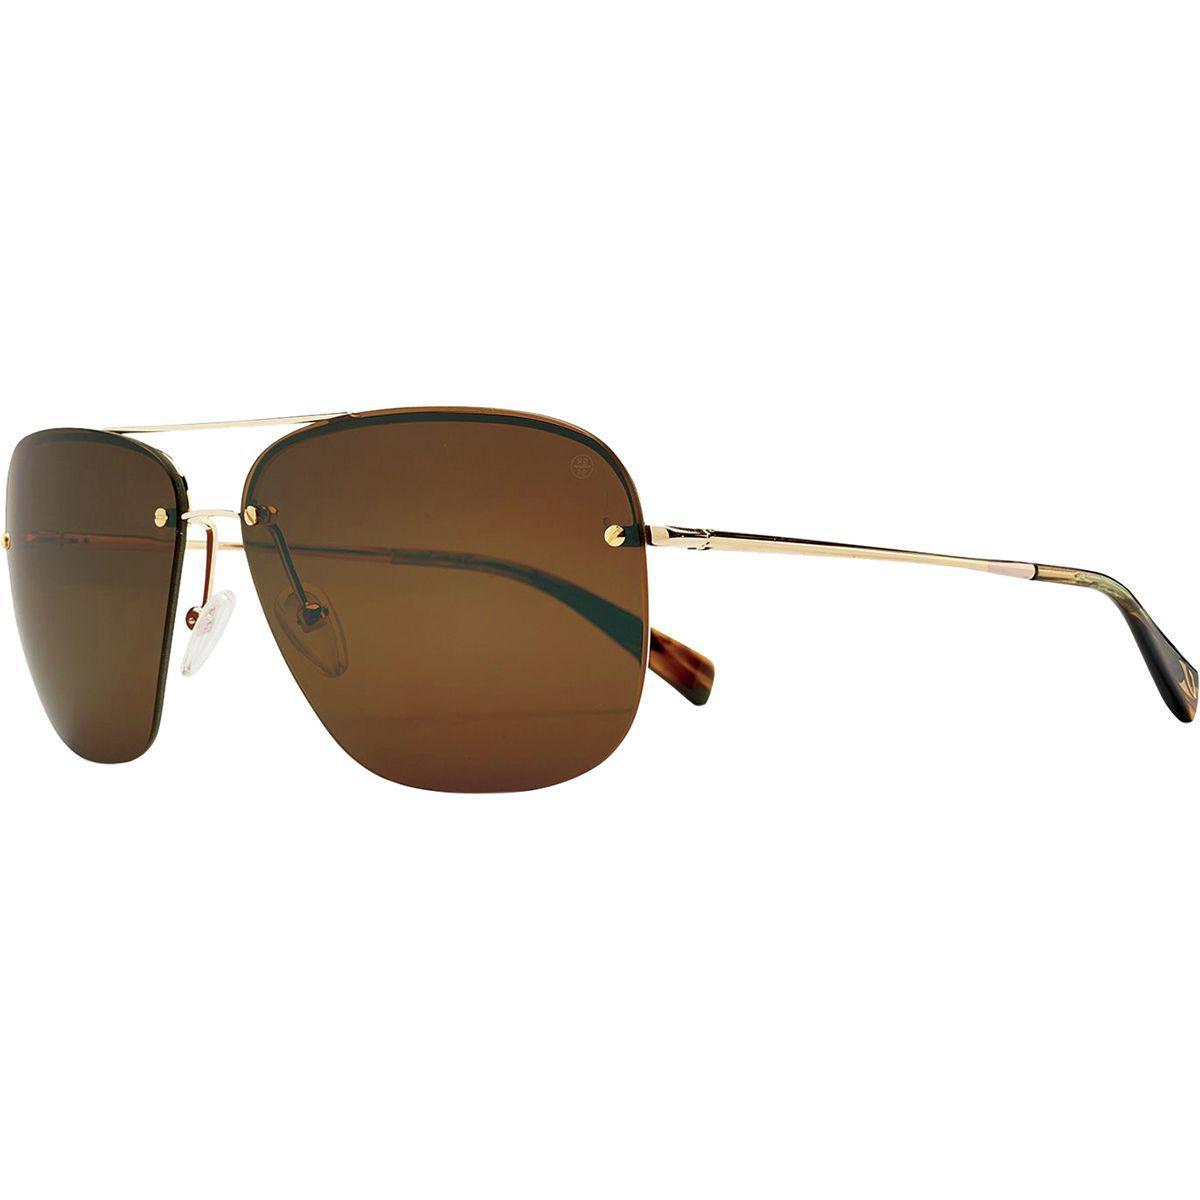 088e891d29 Lyst - Kaenon Coronado Polarized Sunglasses in Brown for Men